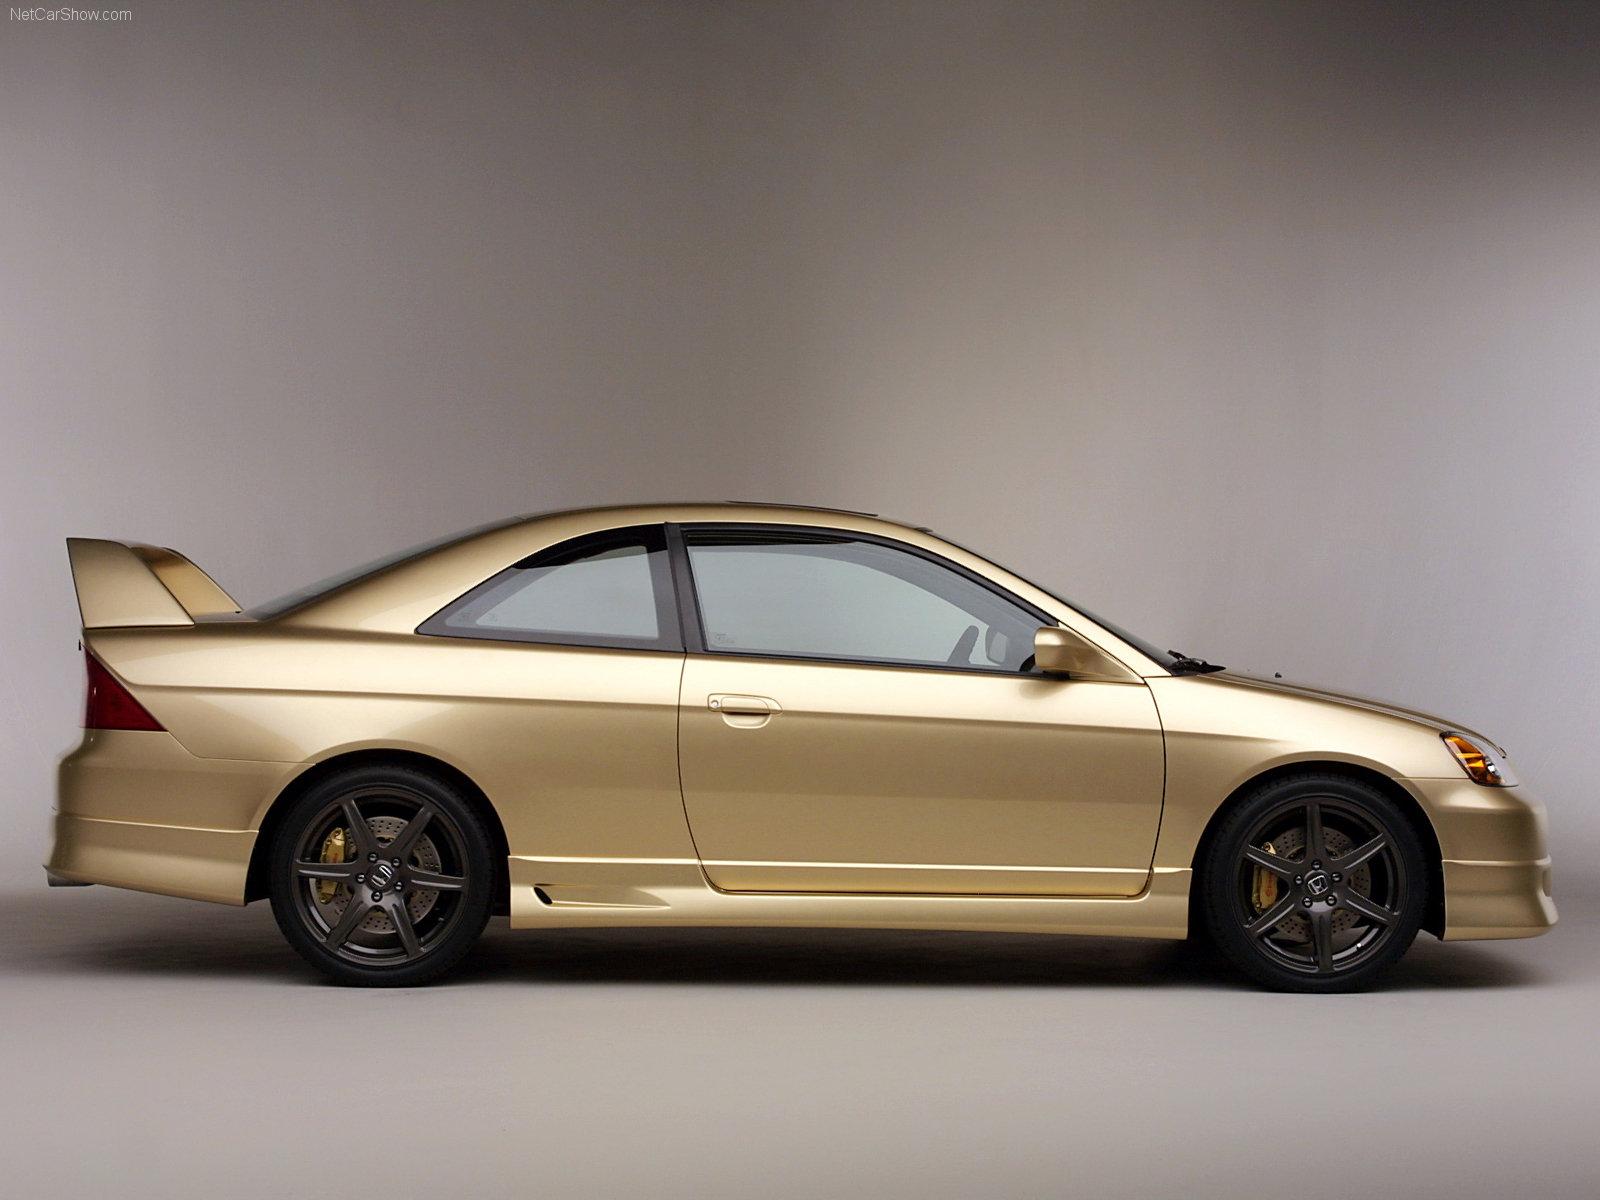 Kelebihan Honda Civic 2001 Top Model Tahun Ini